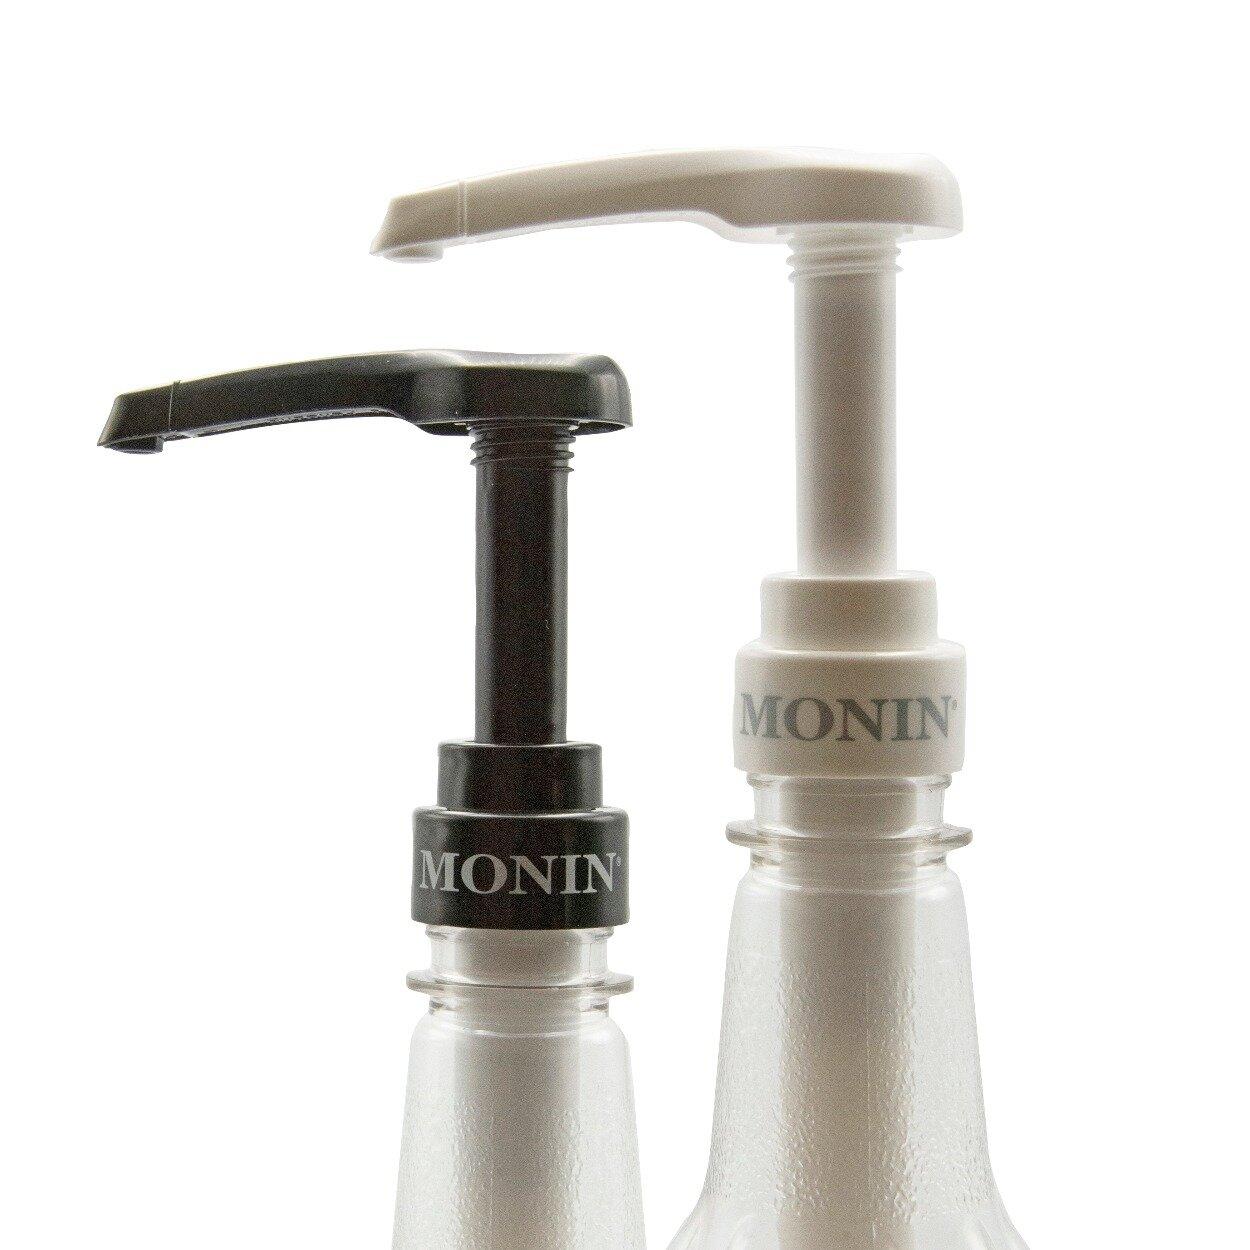 Dosificador Botella 1/4 oz 1 LTR Monin